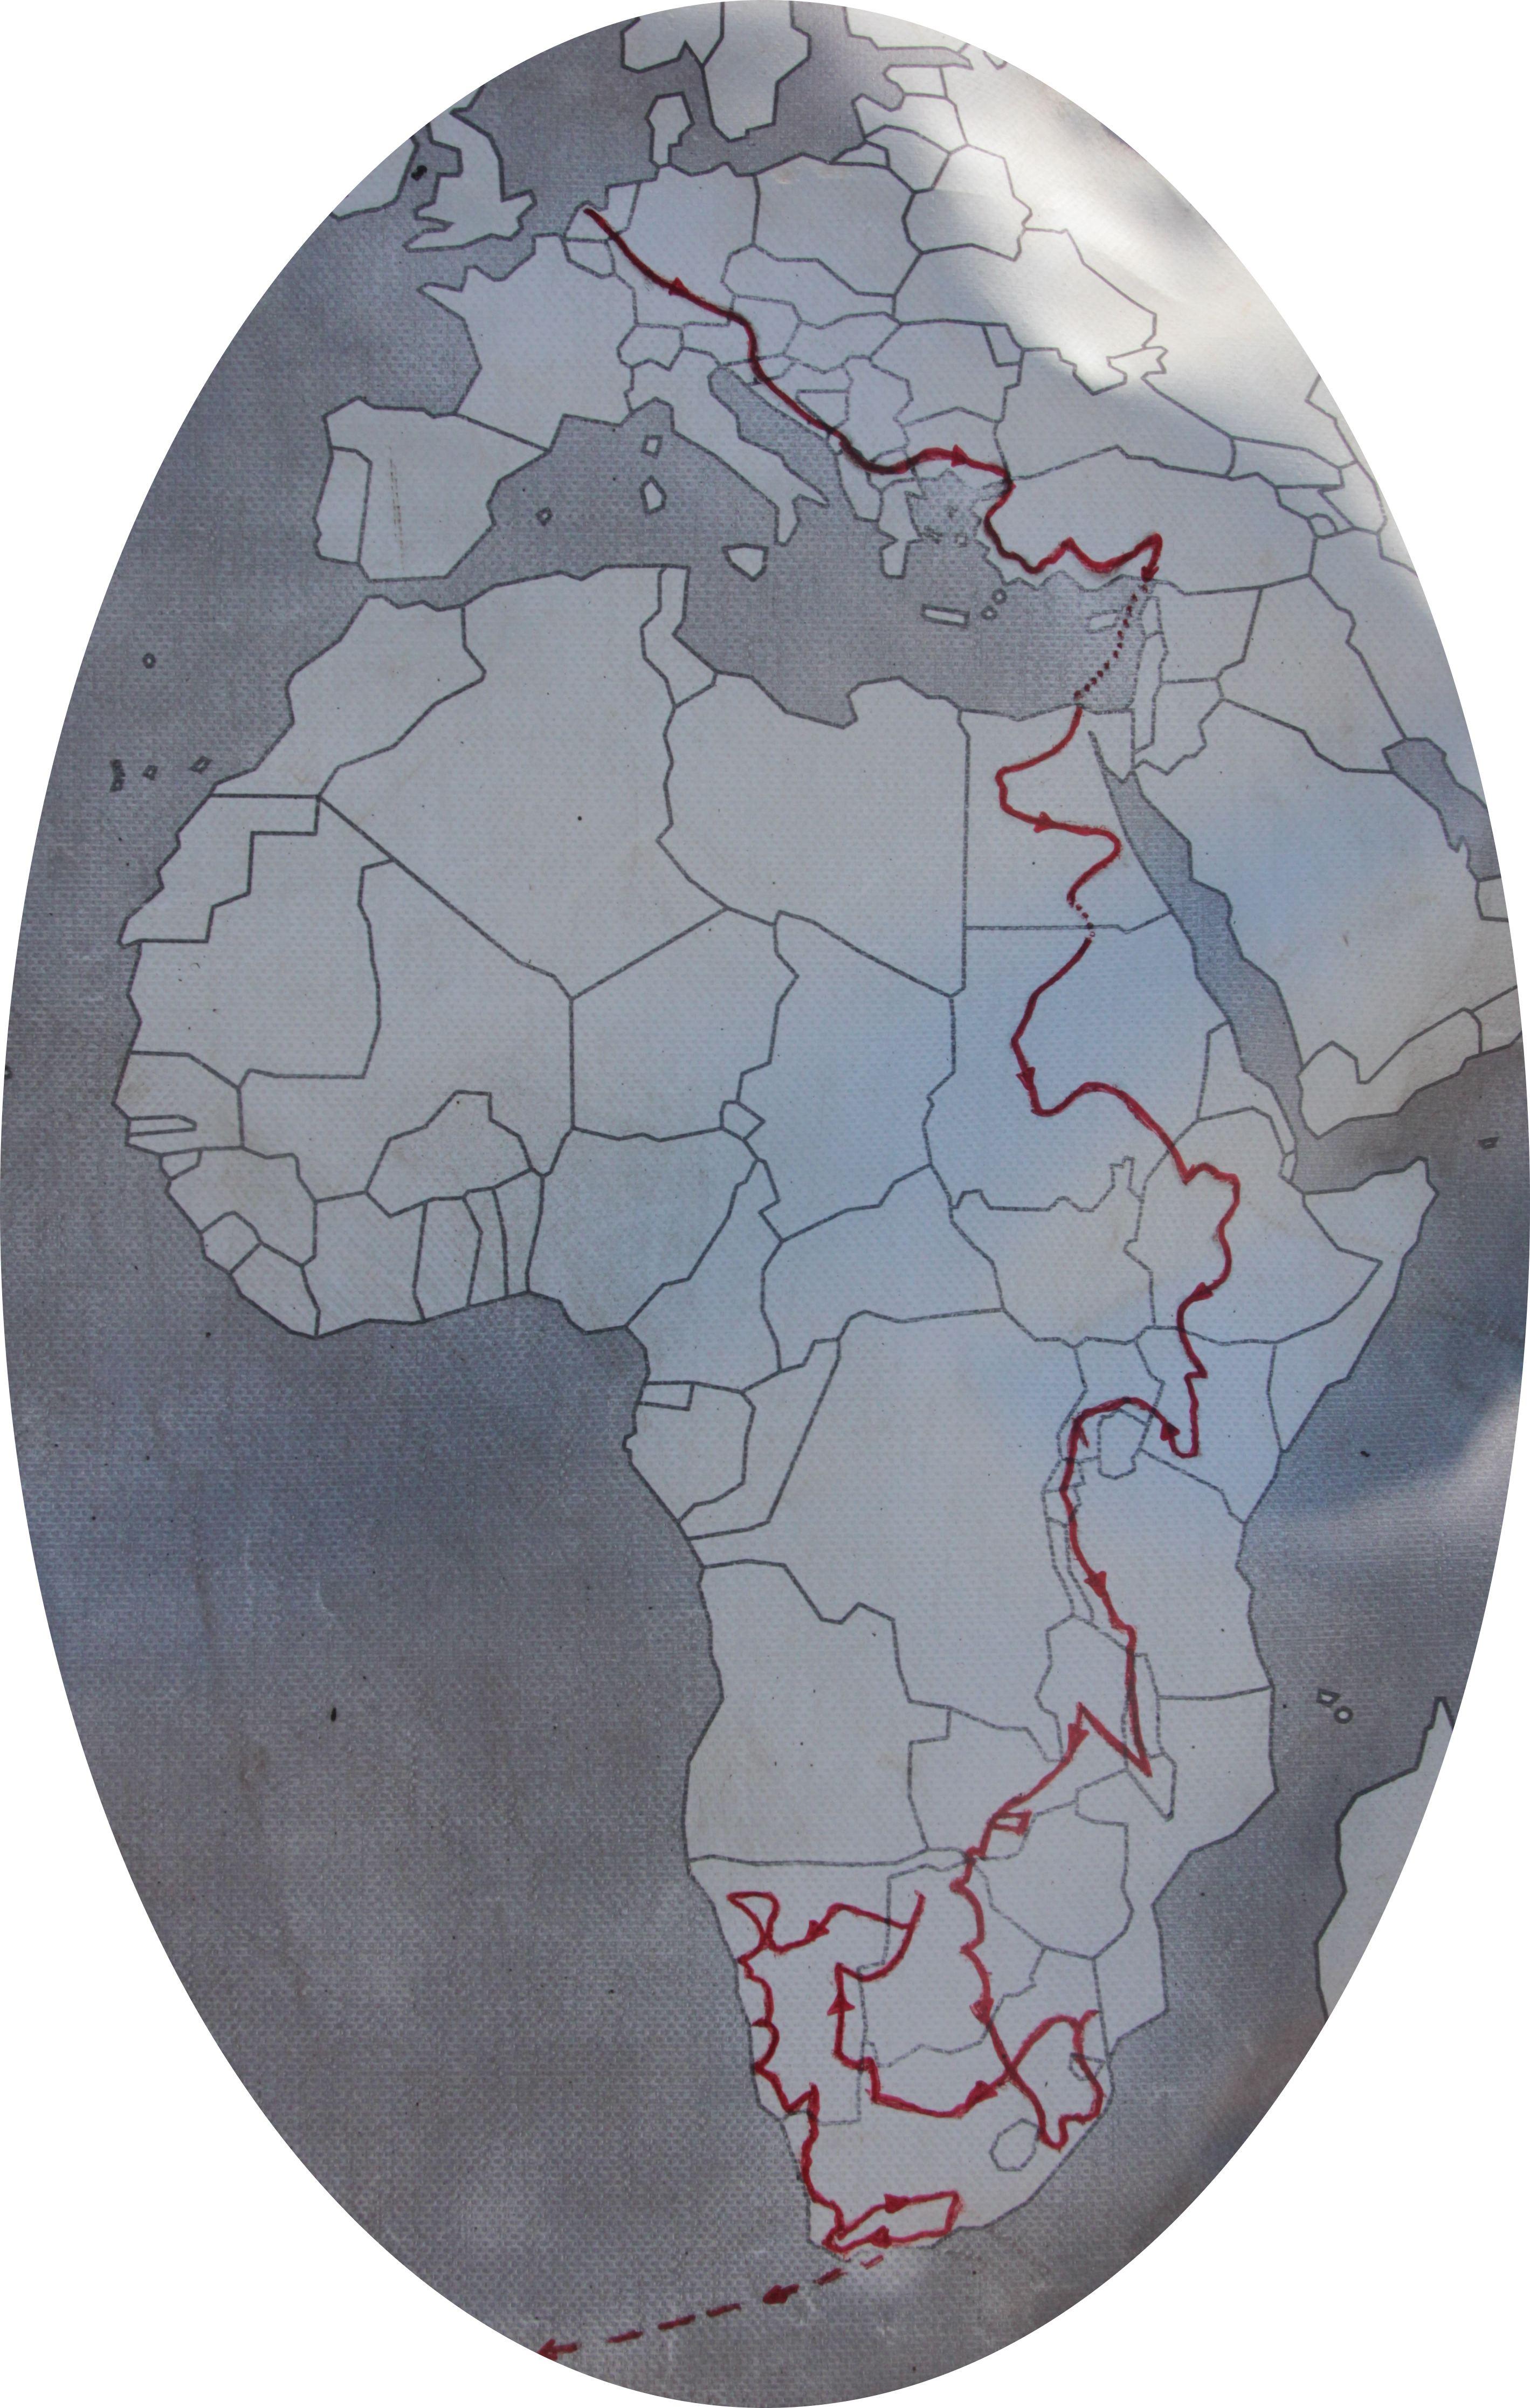 ibeX route Afrika heen 2013-2014